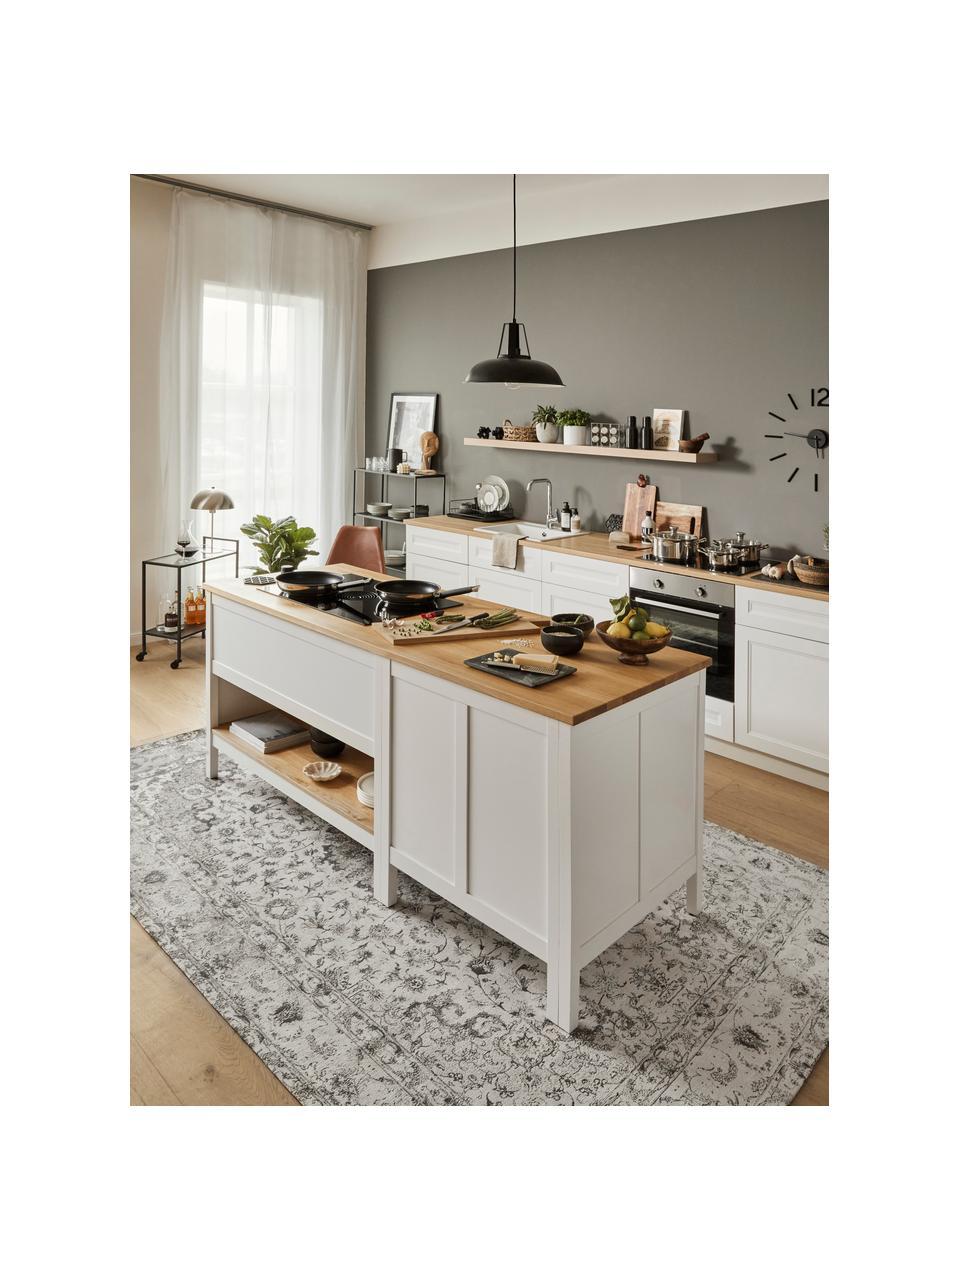 Tappeto vintage in ciniglia color beige-grigio tessuto a mano Sofia, Retro: 100% cotone, Beige, grigio, Larg.160 x Lung. 230 cm (taglia M)